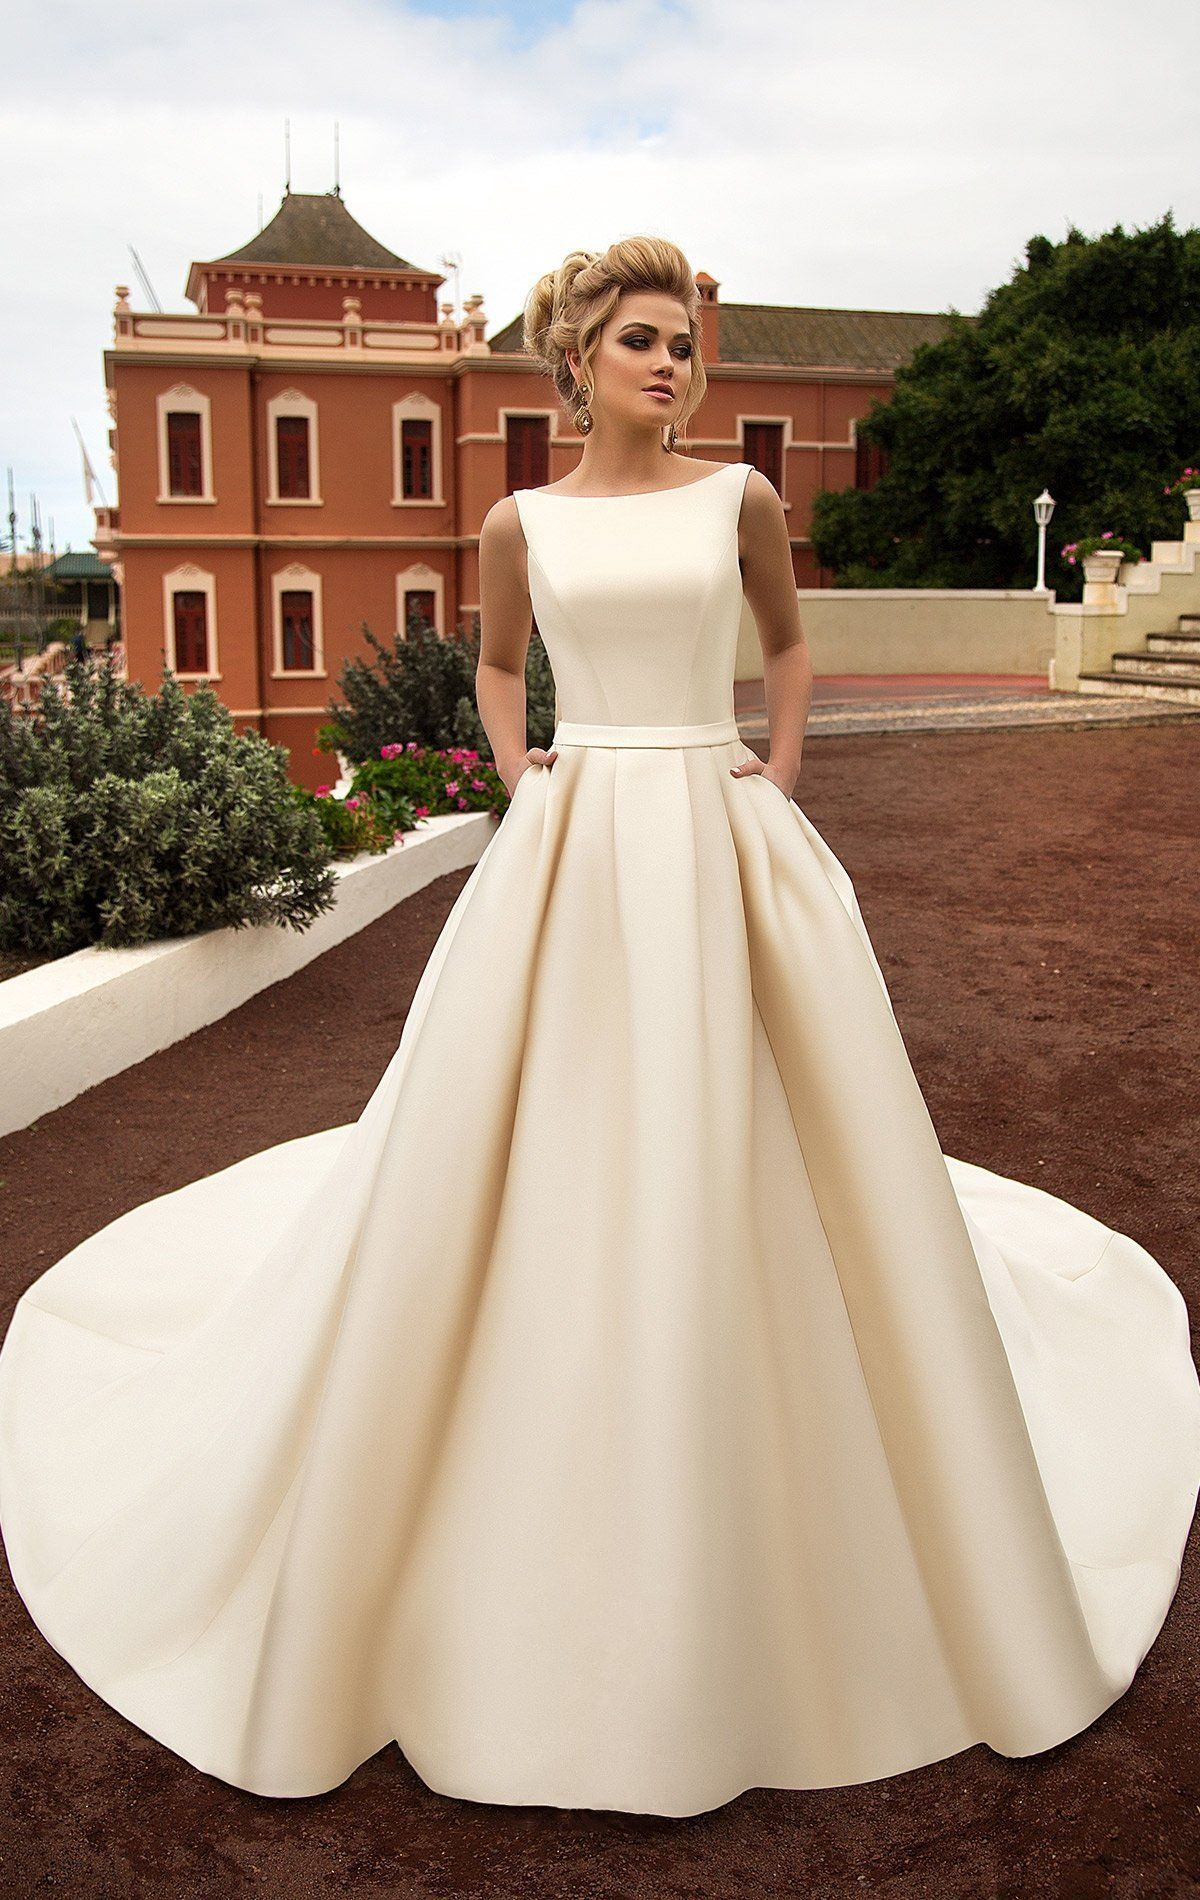 5f837b965efd Свадебное платье Naviblue Bridal LUARA-17018 ▷ Свадебный Торговый Центр Вега  в Москве Vestimentaire,